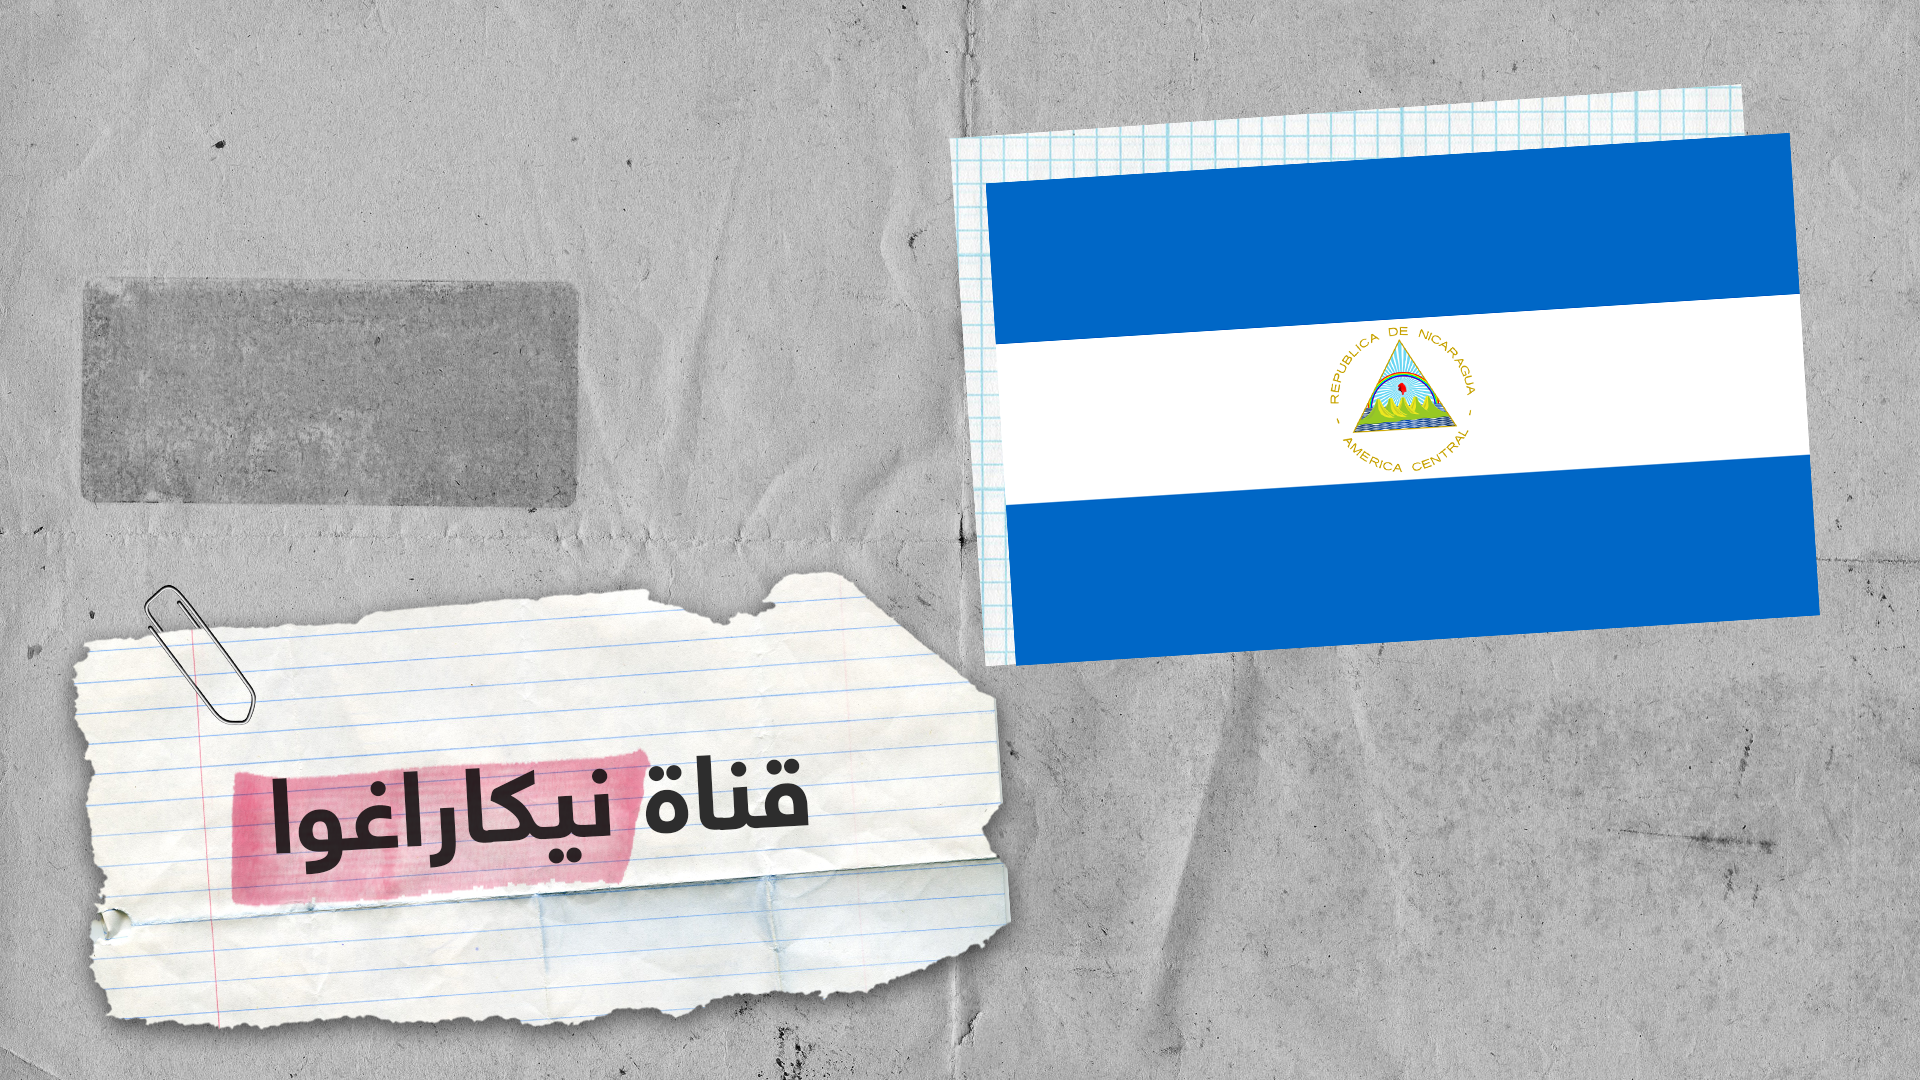 نيكاراغوا تعتزم شق قناة لمنافسة بنما والسويس بقوة